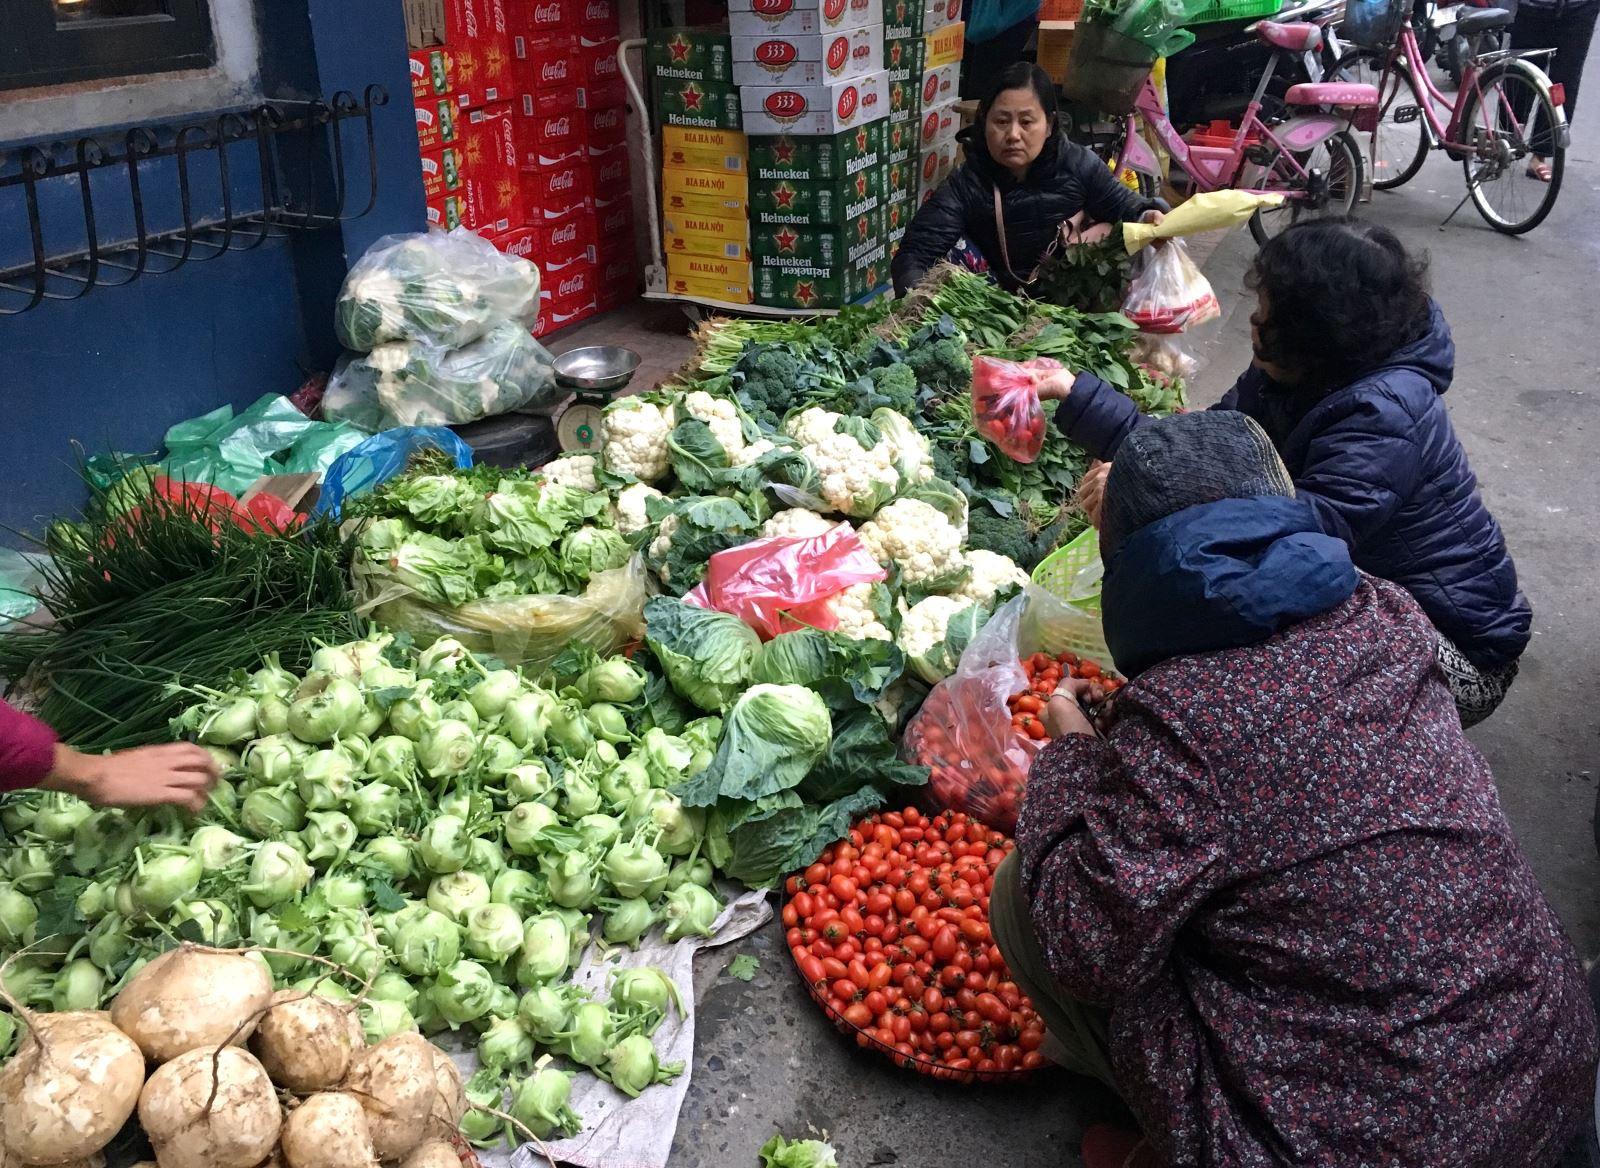 Khám phá những khu chợ đầu mối lớn nhất Việt Nam - Ảnh 4.